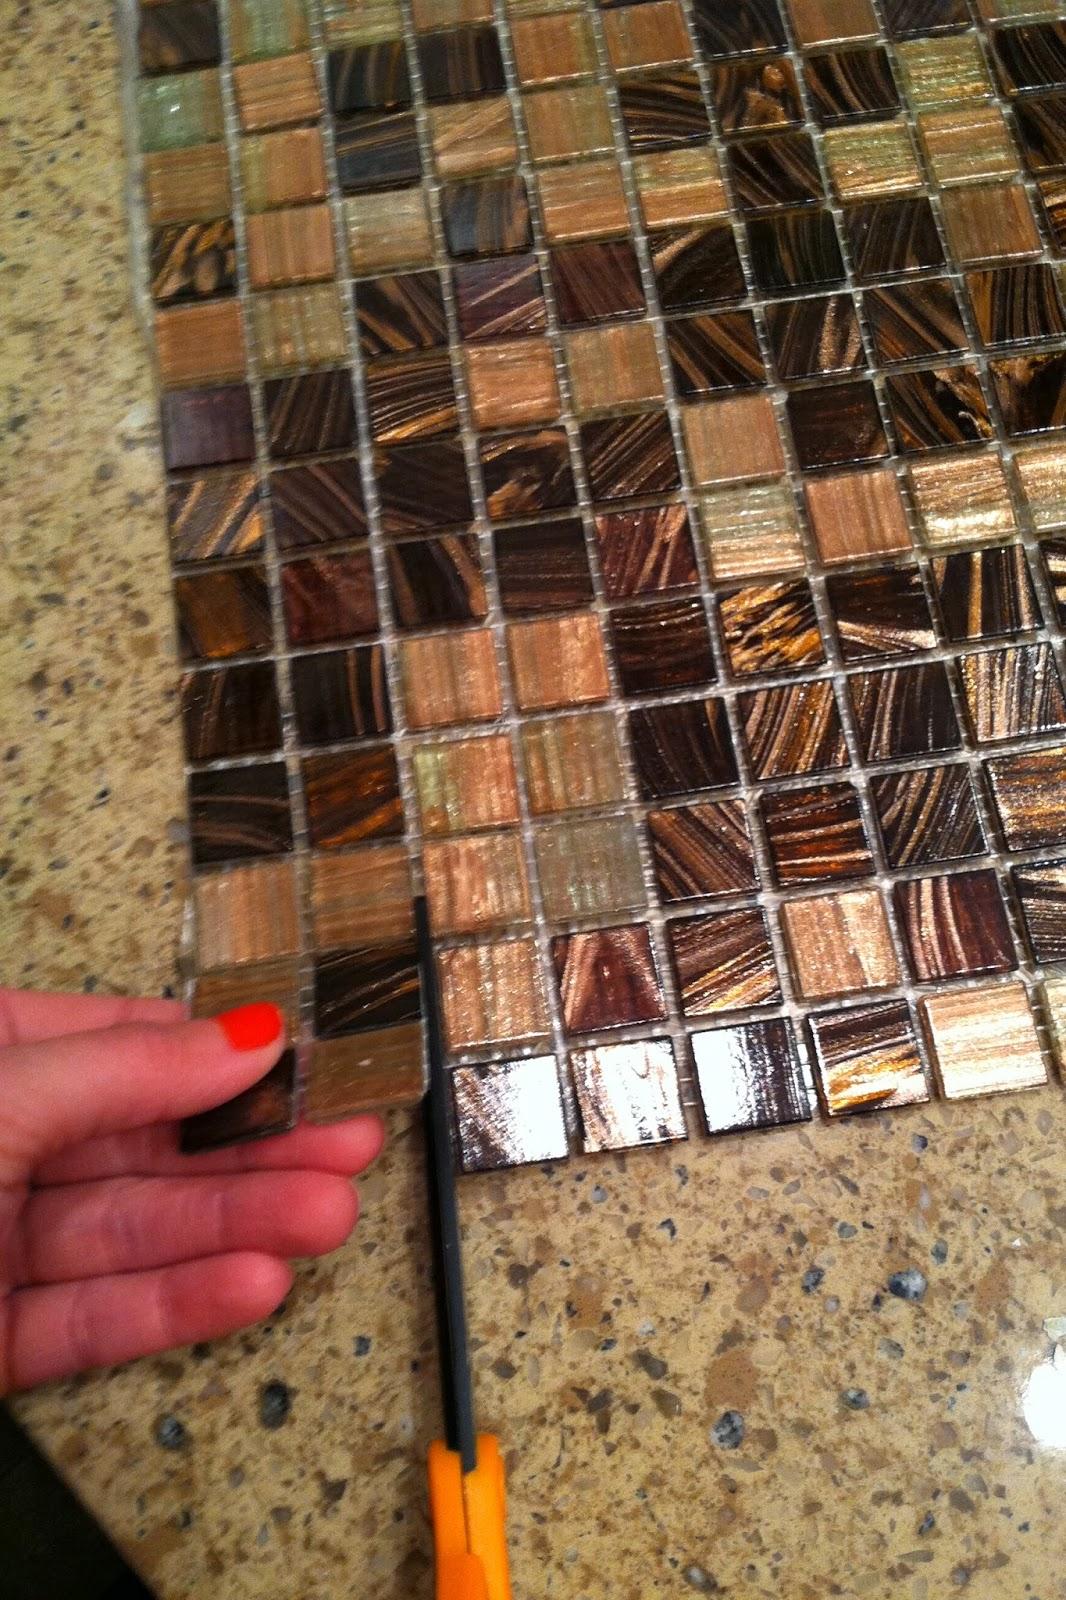 Putting up tile backsplash